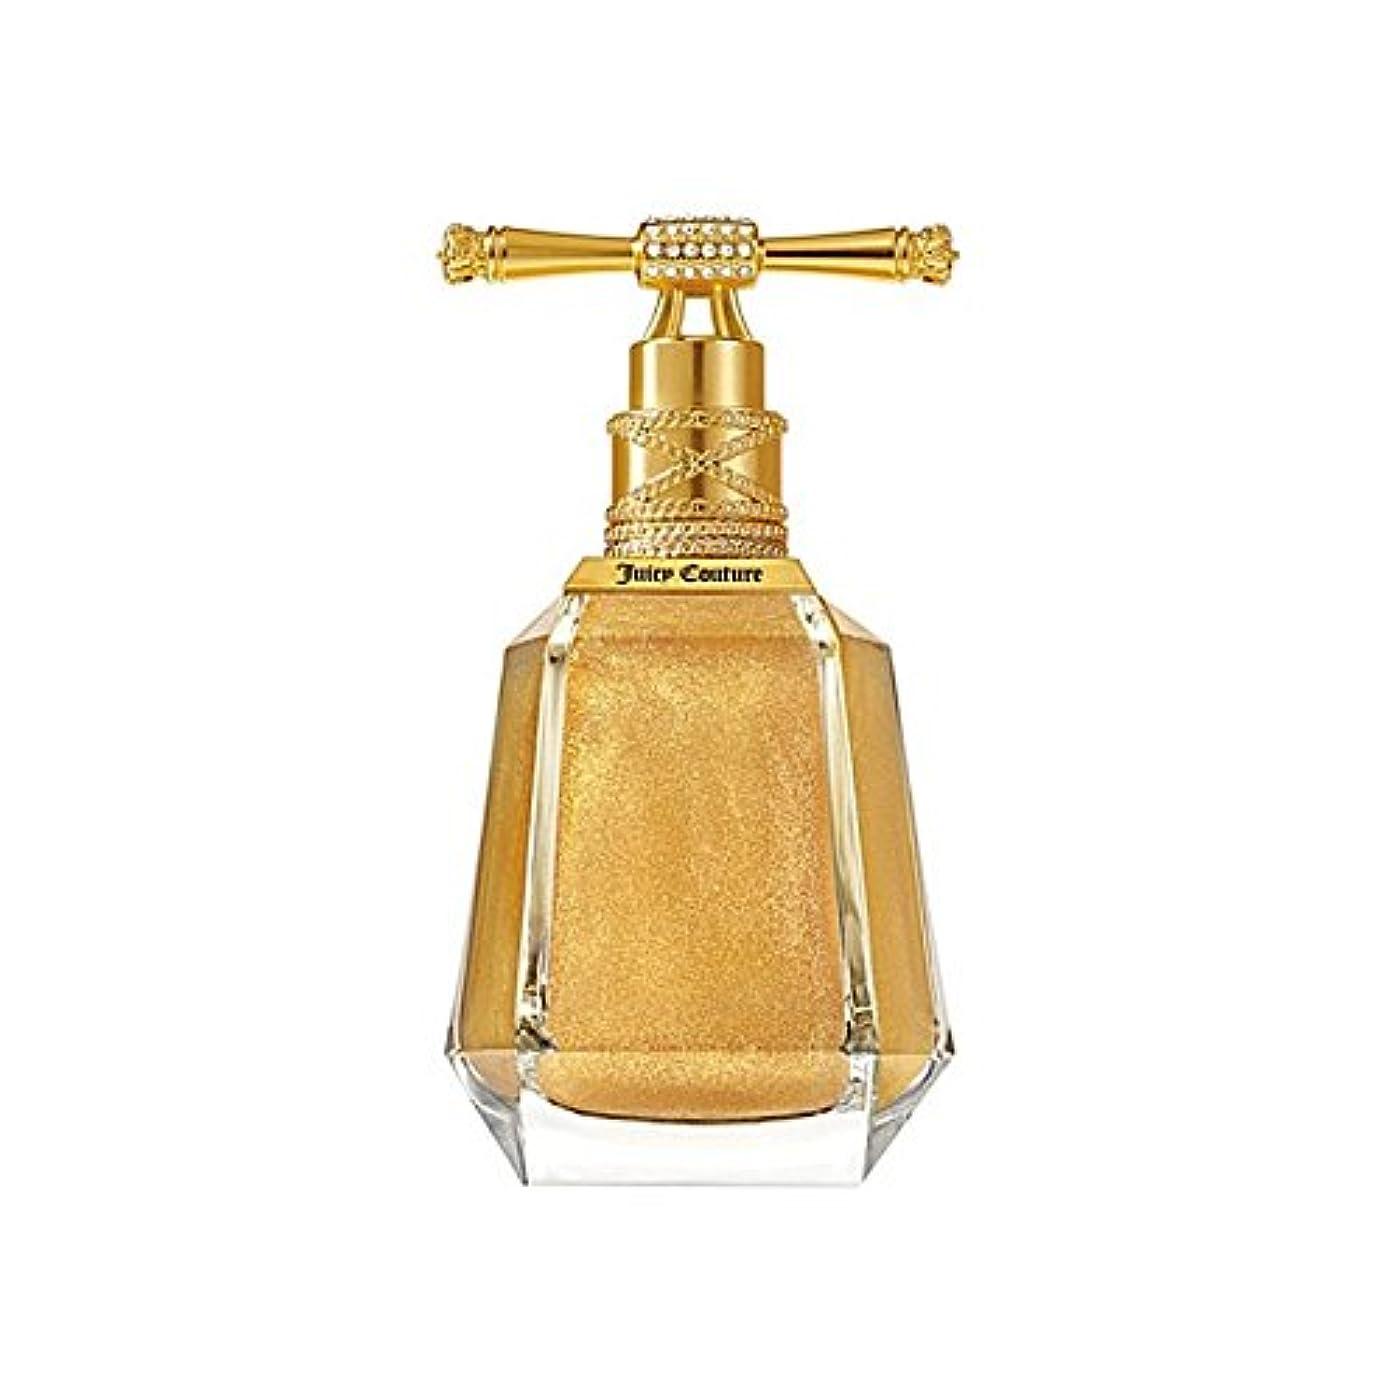 実施する征服するサージJuicy Couture Dry Oil Shimmer Mist 100ml (Pack of 6) - ジューシークチュールドライオイルきらめきミスト100ミリリットル x6 [並行輸入品]